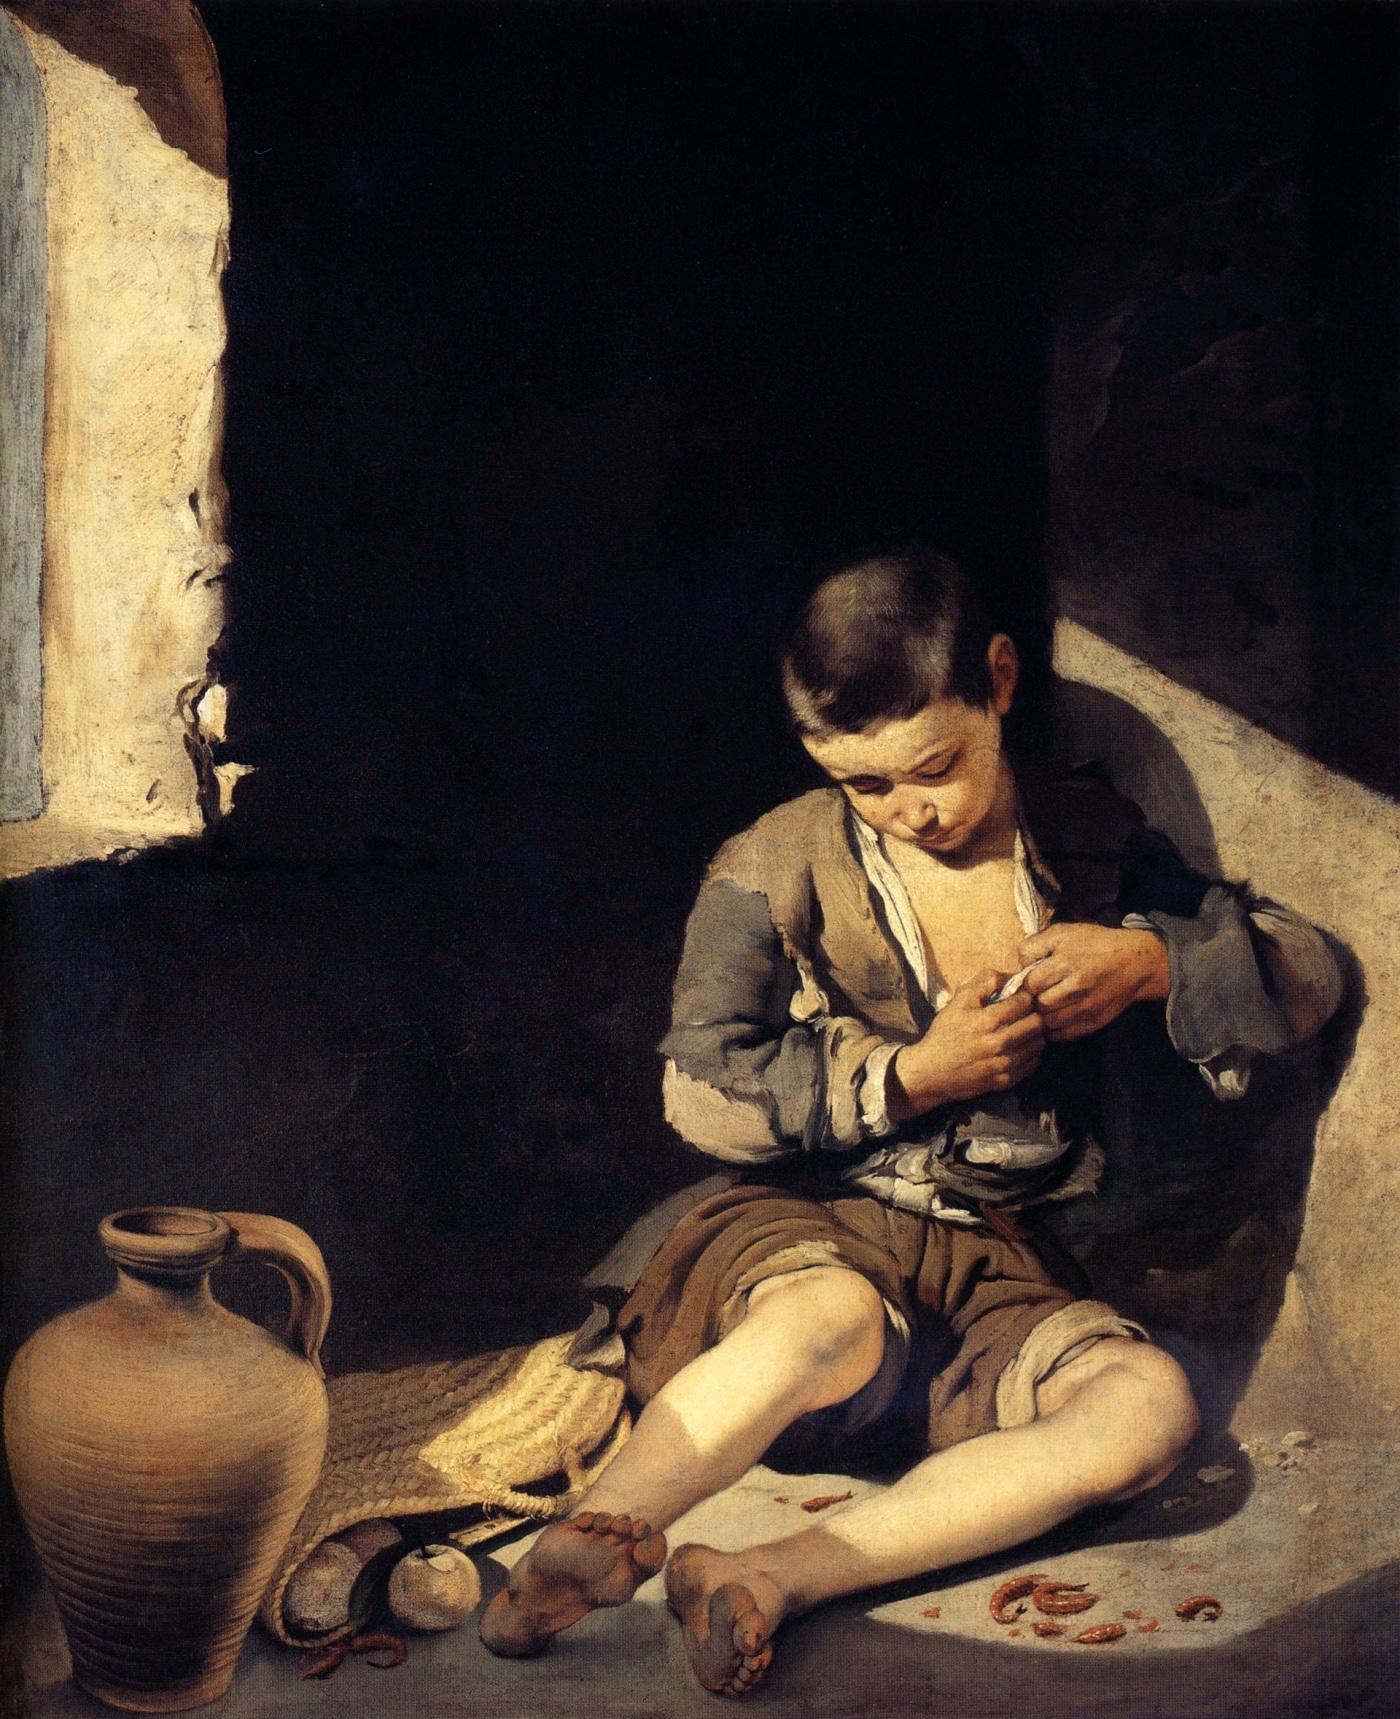 Joven méndigo de Bartolomé Esteban Murillo